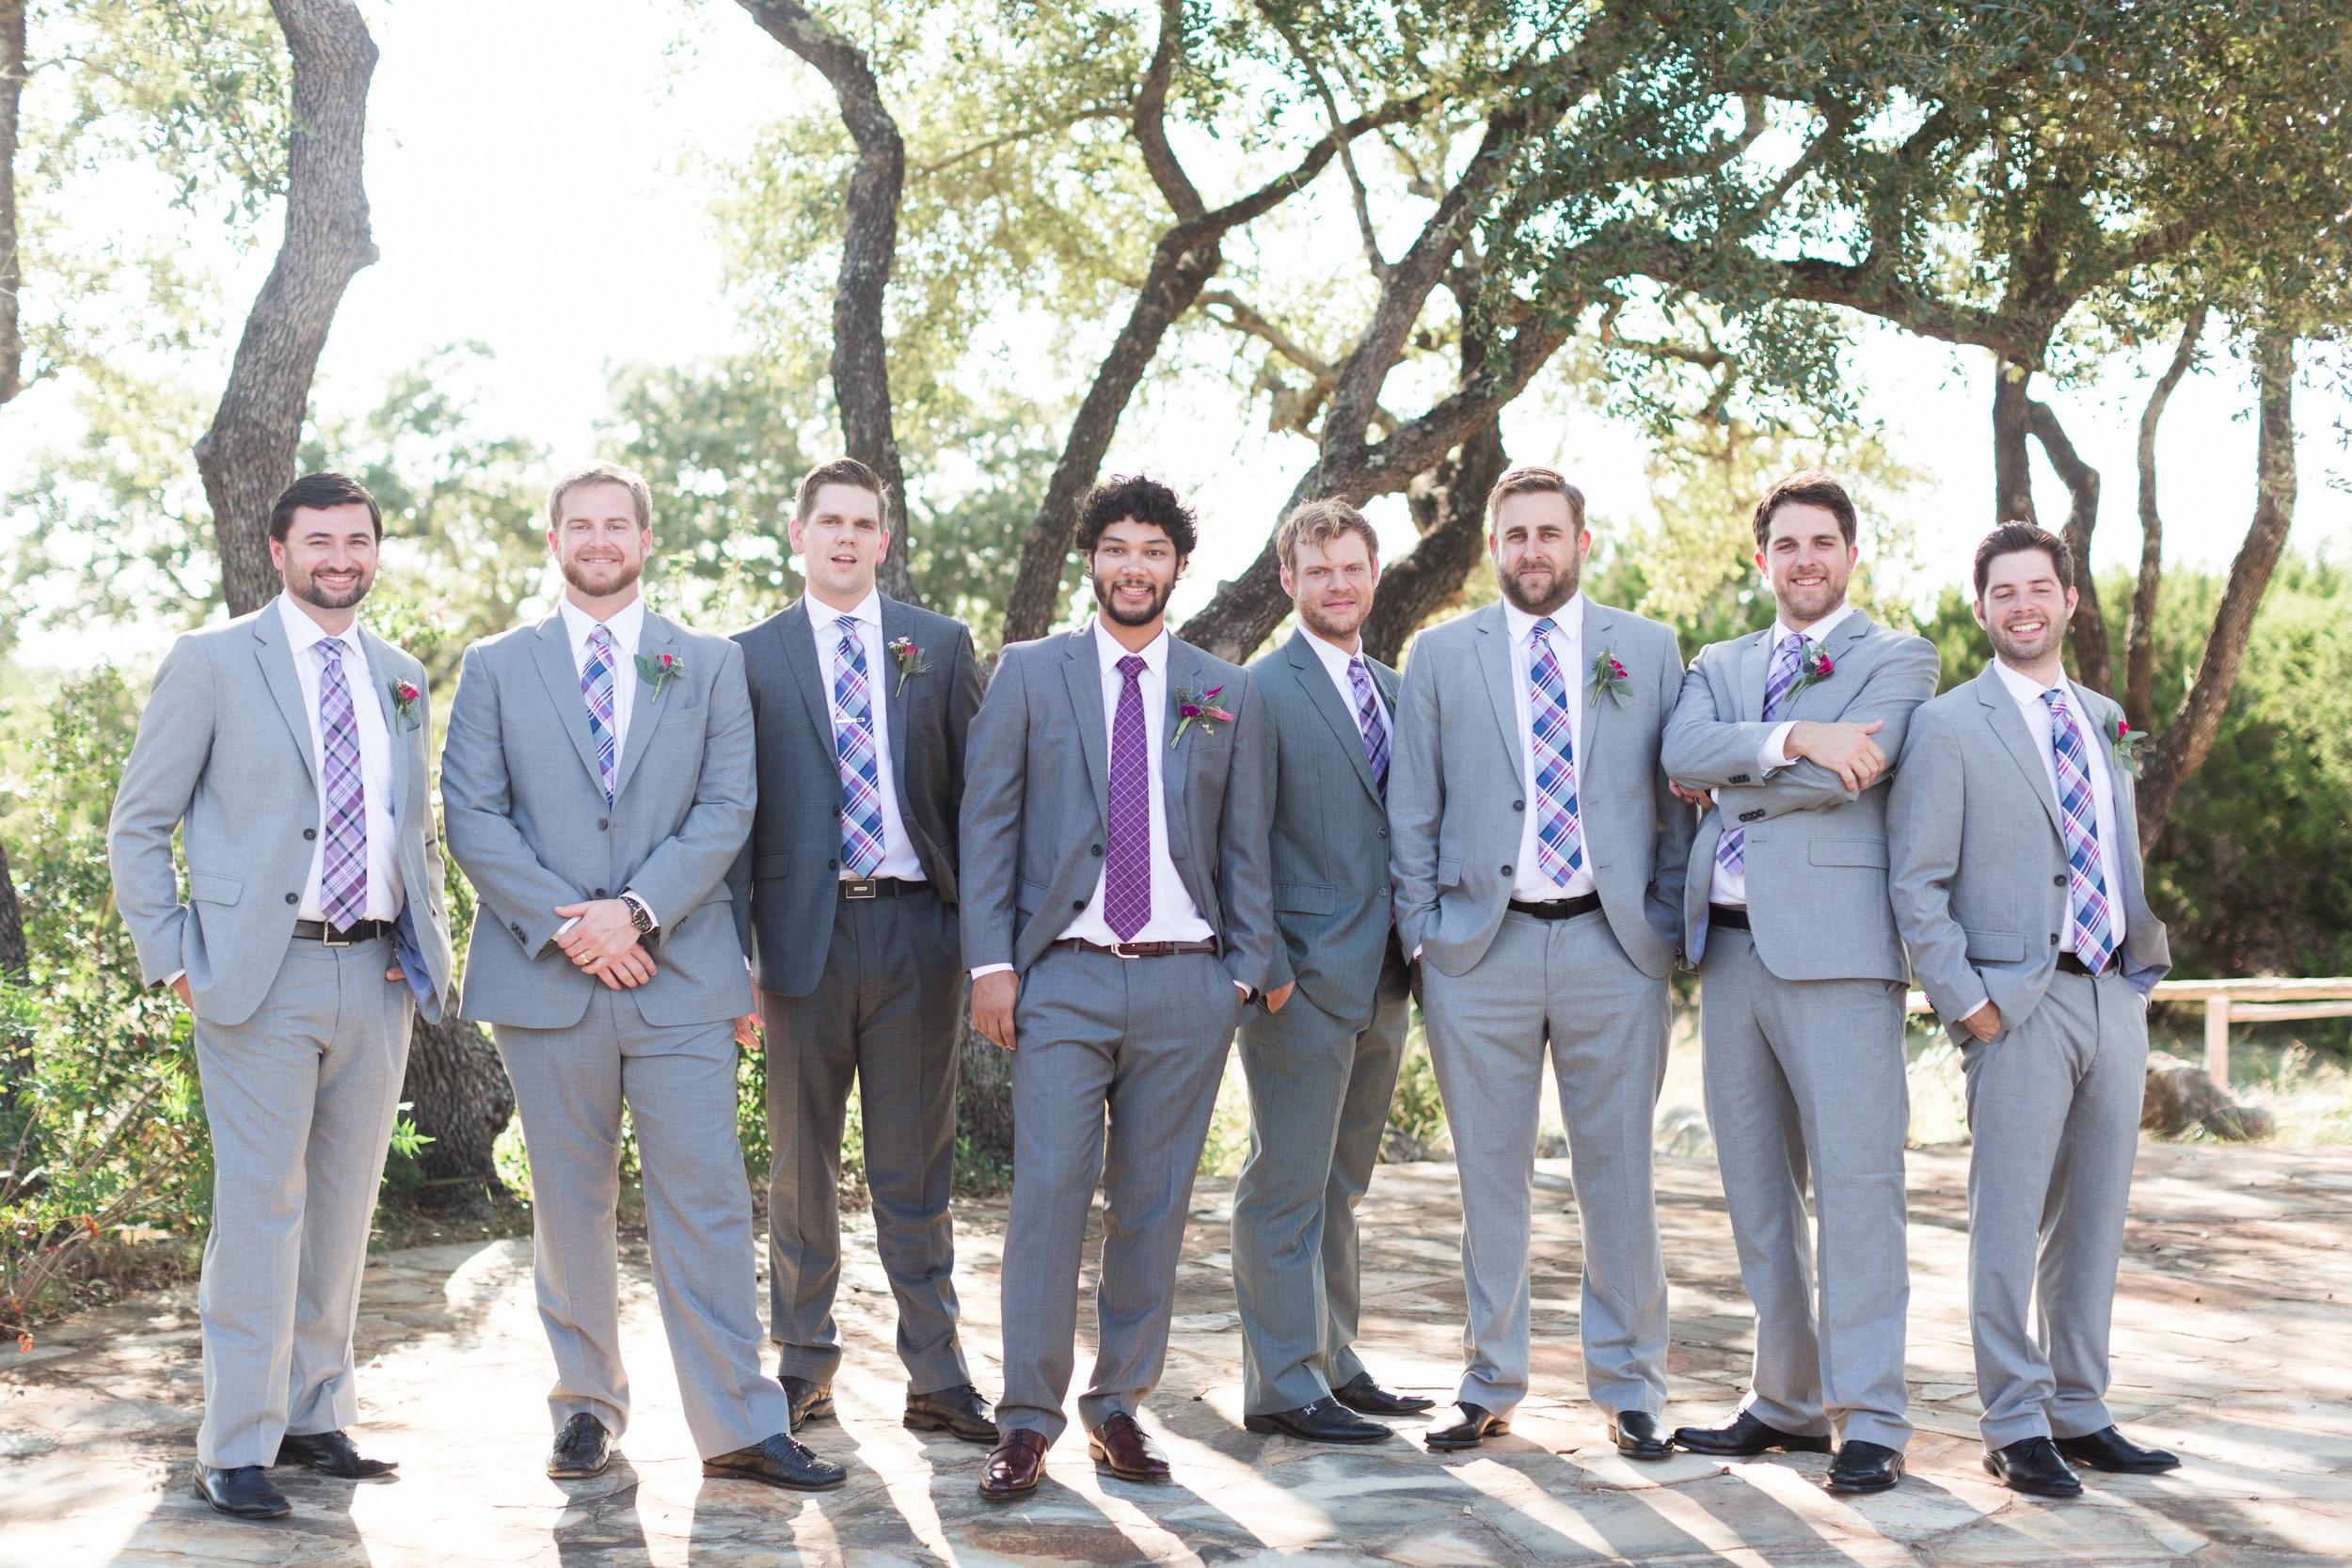 Purple Groom Tie - Heritage House Wedding - Georgetown, Texas Wedding Venue